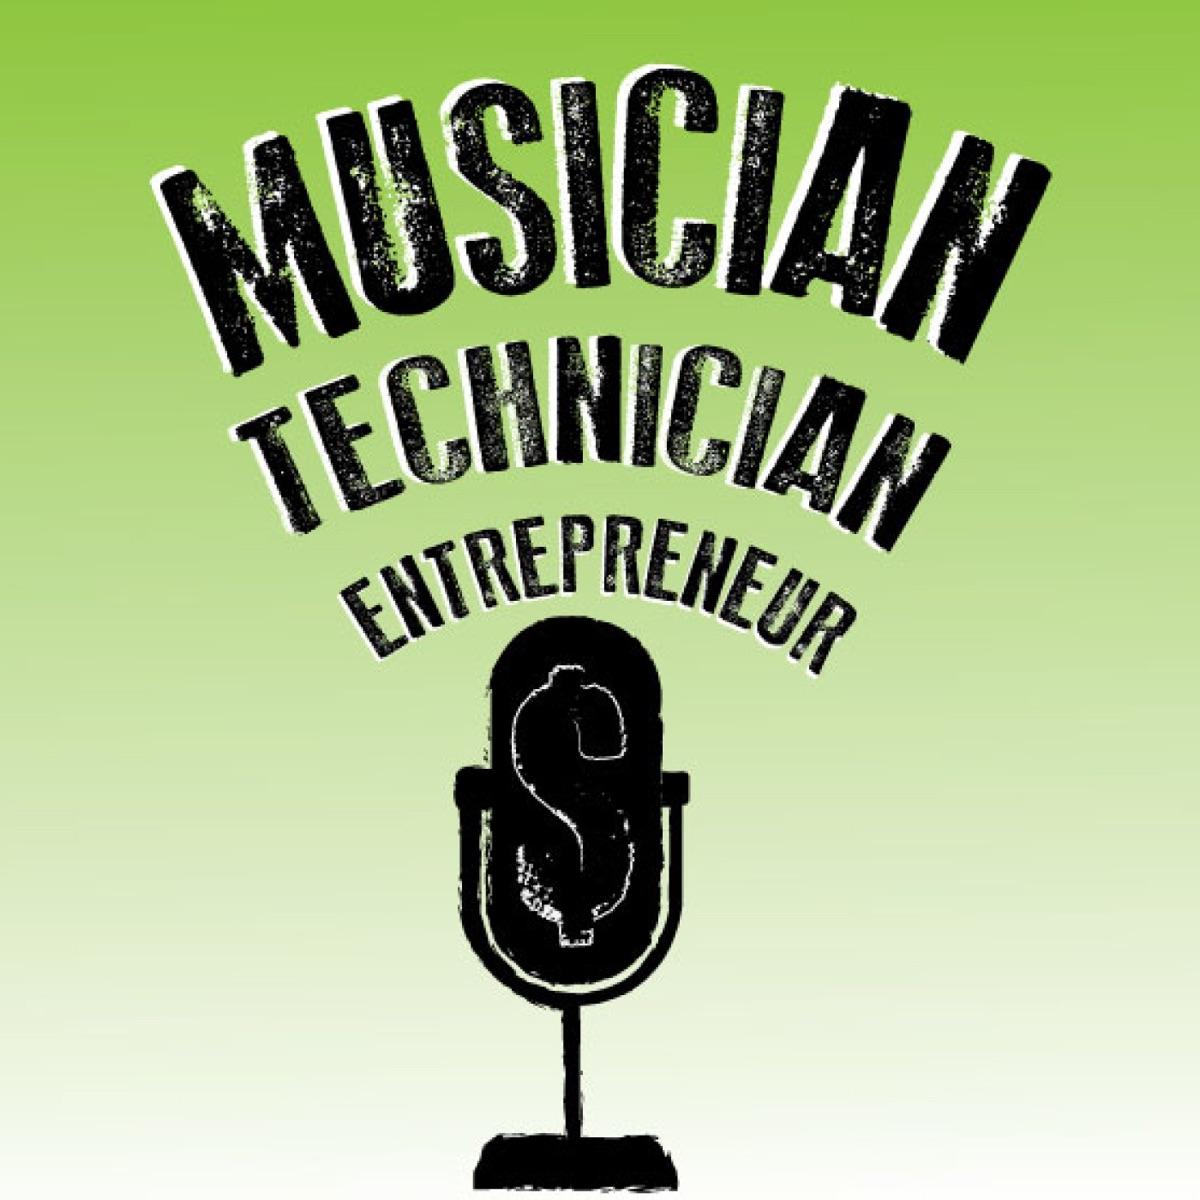 Musician Technician Entrepreneur